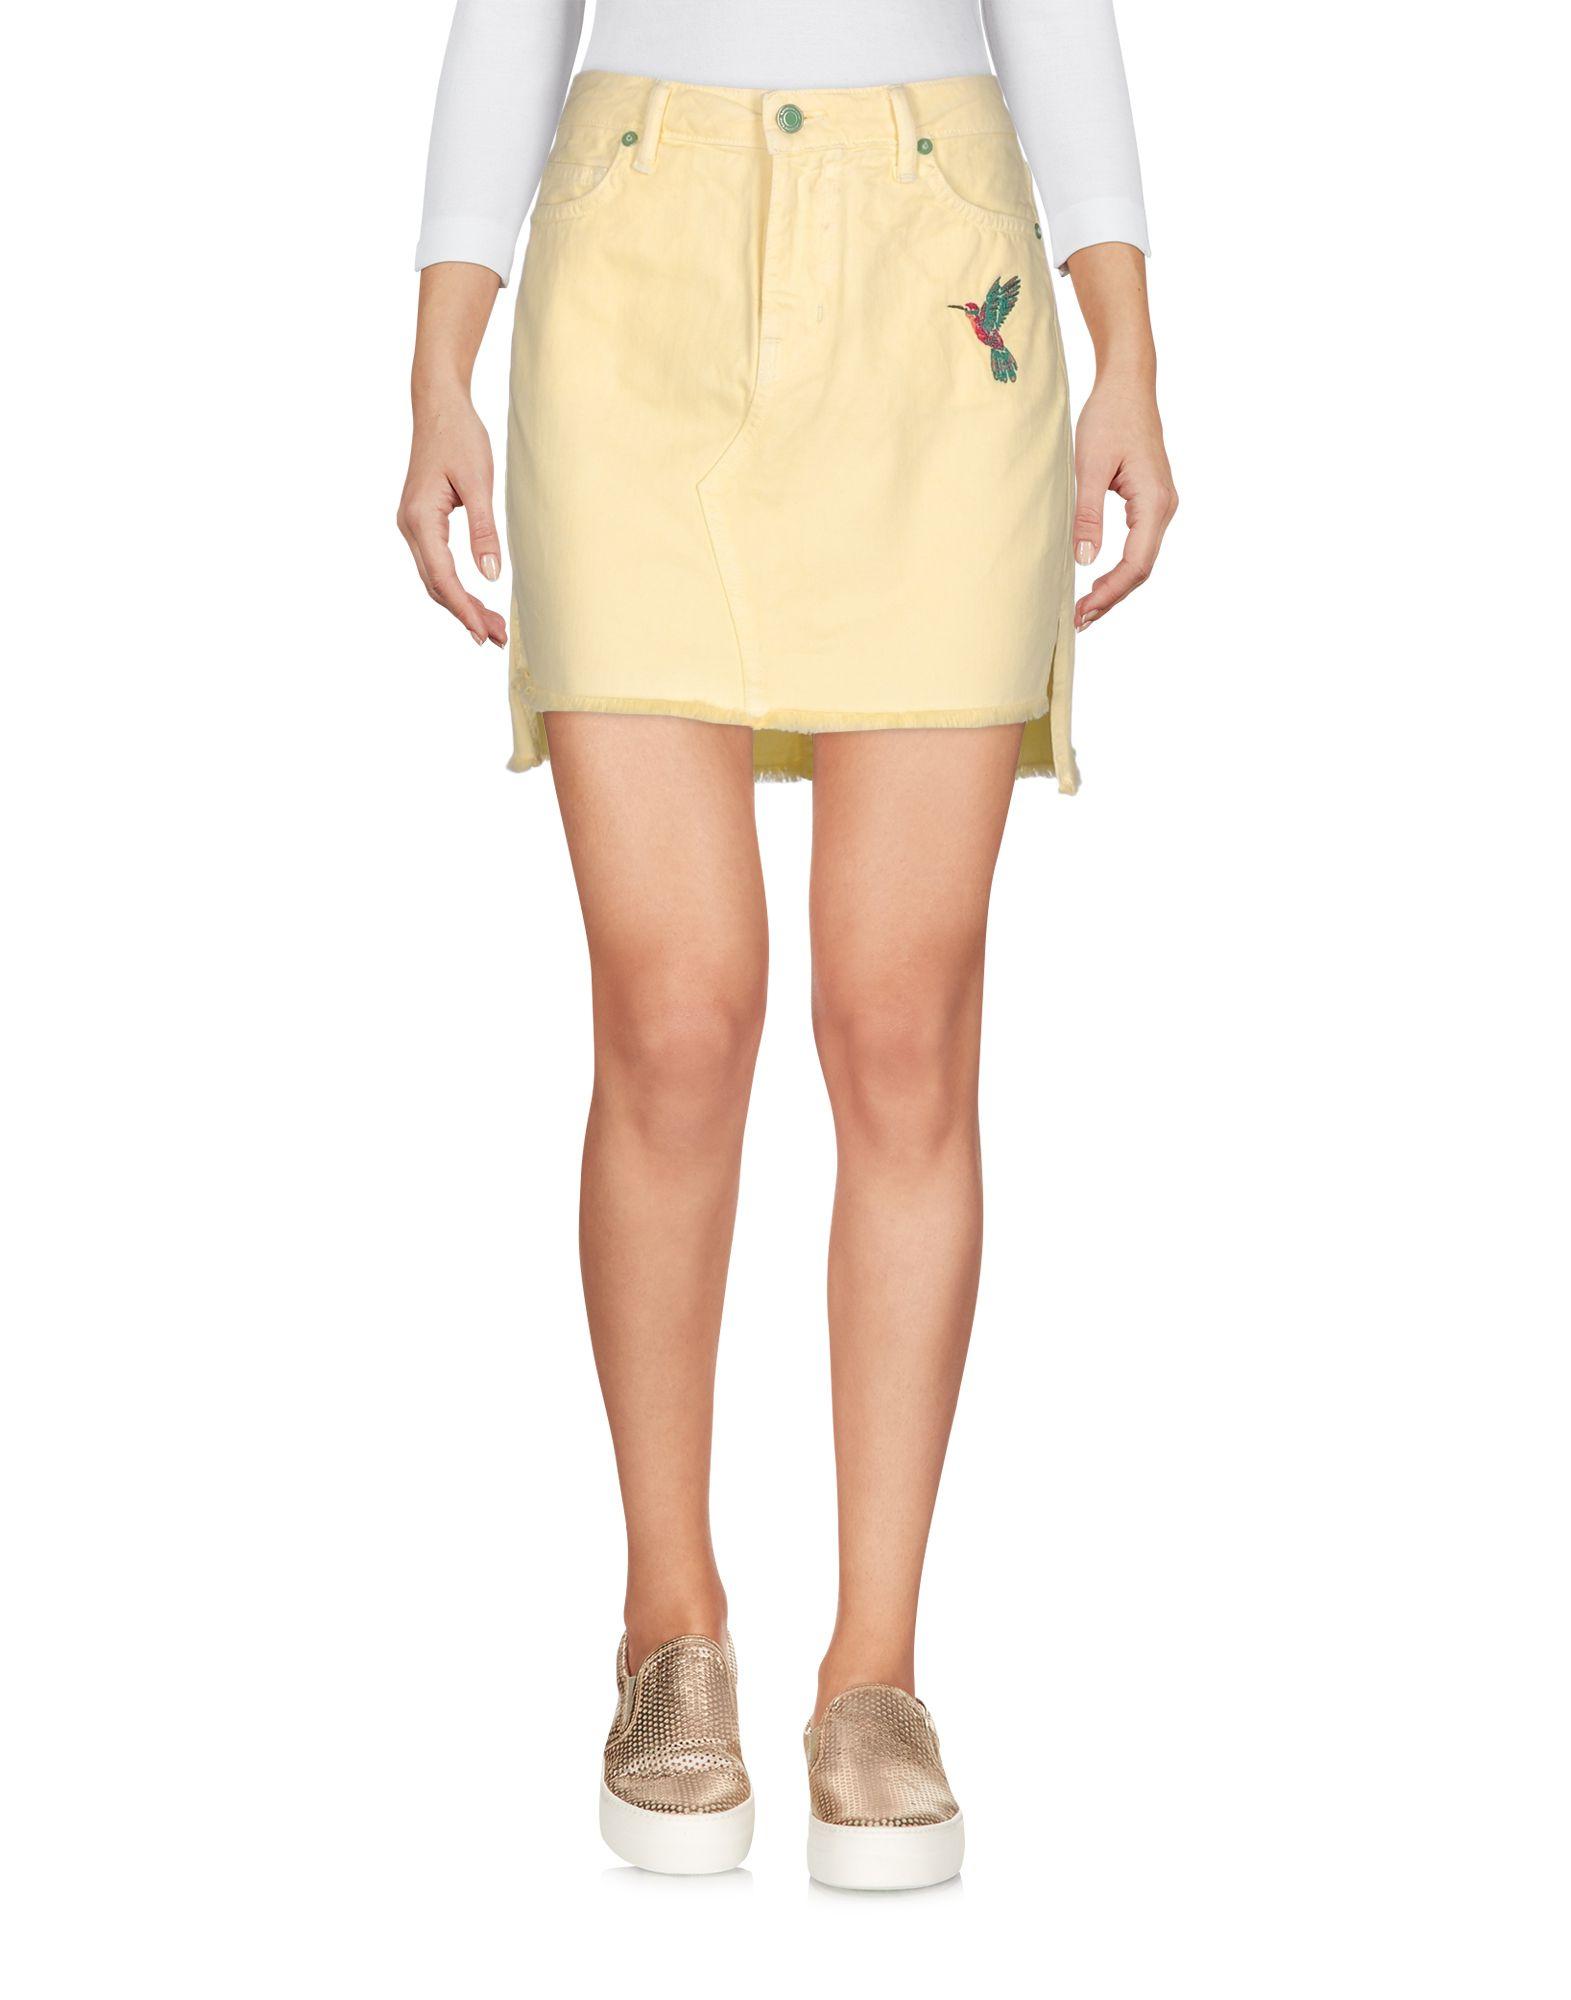 SANDRINE ROSE Джинсовая юбка sandrine rose джинсовая верхняя одежда